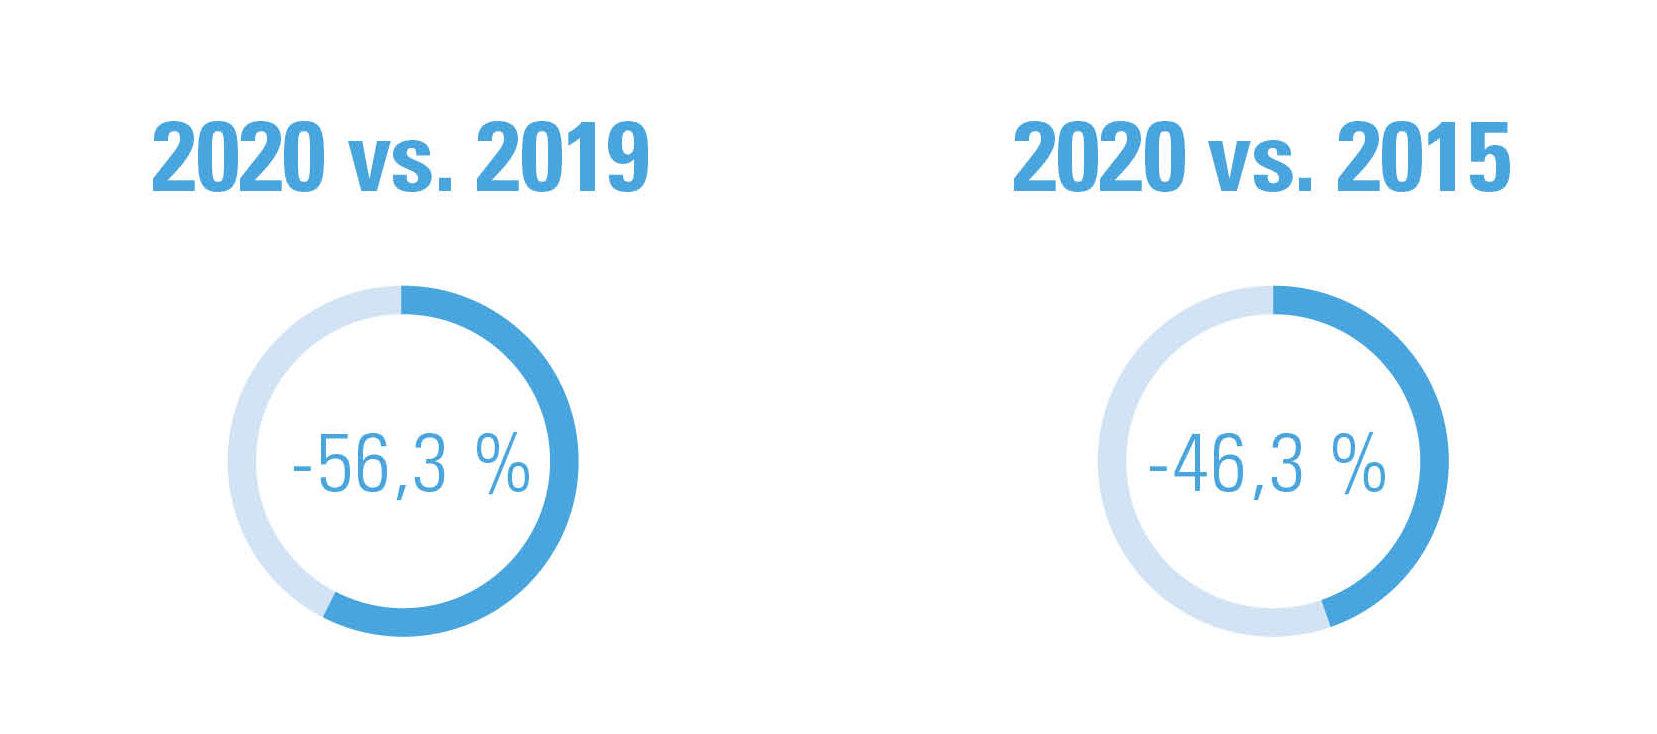 Figuur 1: Startende zelfstandigen tussen 13 maart en 13 april, procentueel verschil 2020 t.o.v. 2019 en t.o.v. 2015